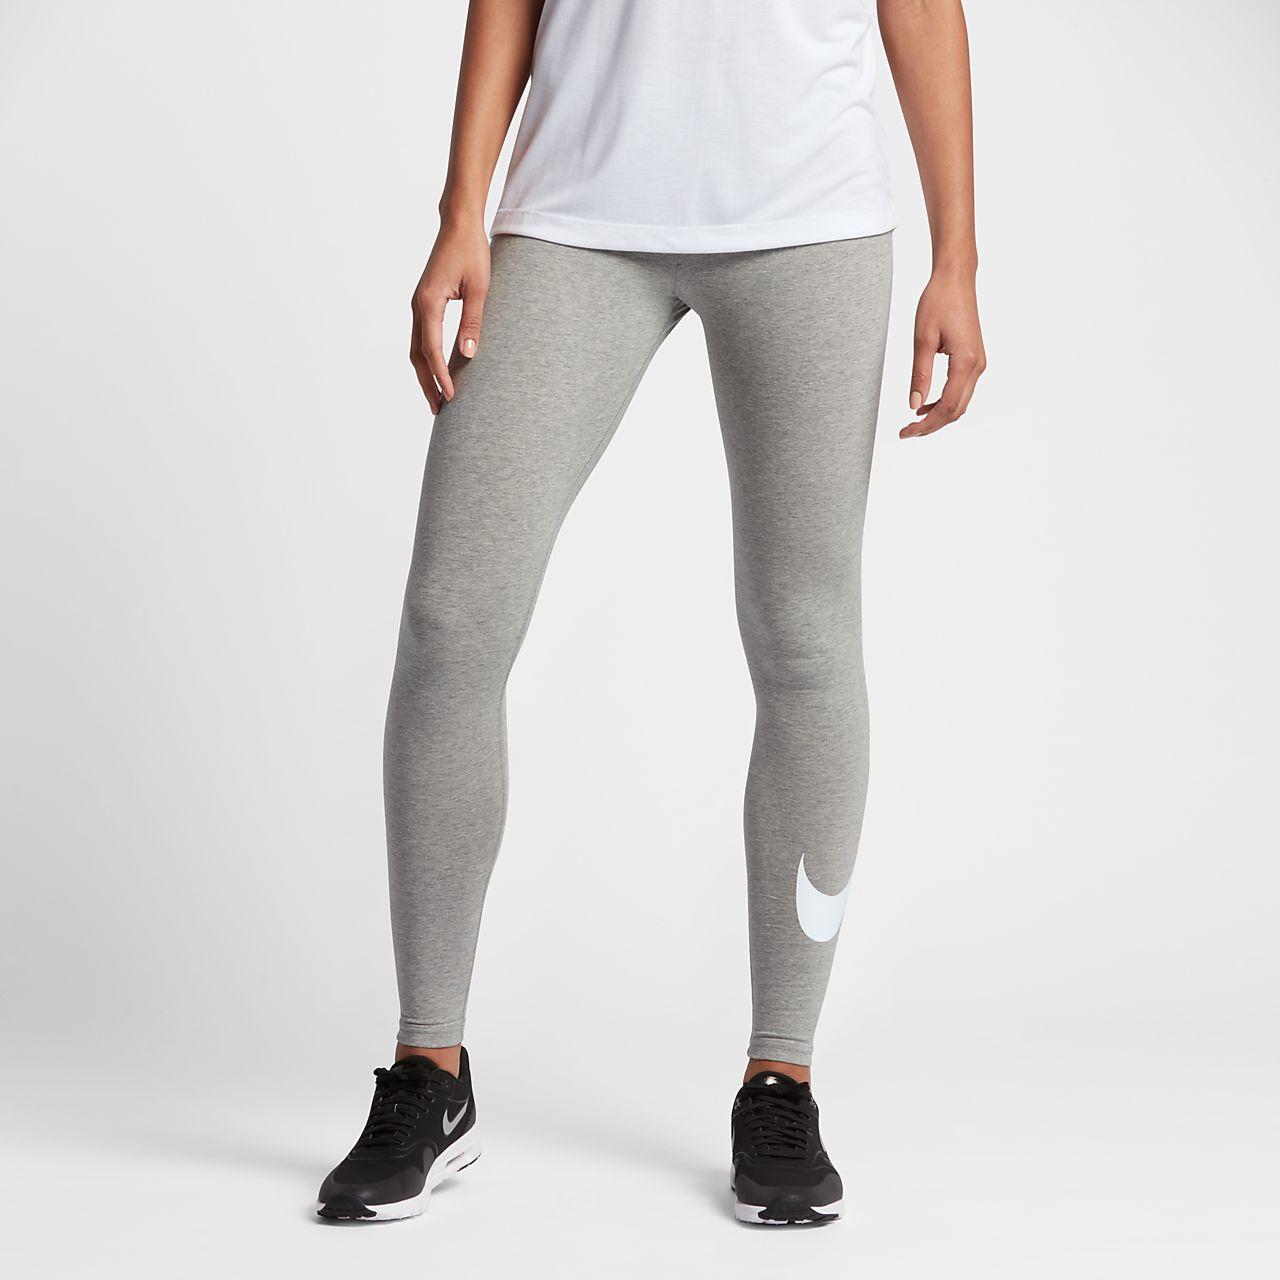 6ed5f5190bc Low Resolution Nike Sportswear Women s Swoosh Leggings Nike Sportswear  Women s Swoosh Leggings